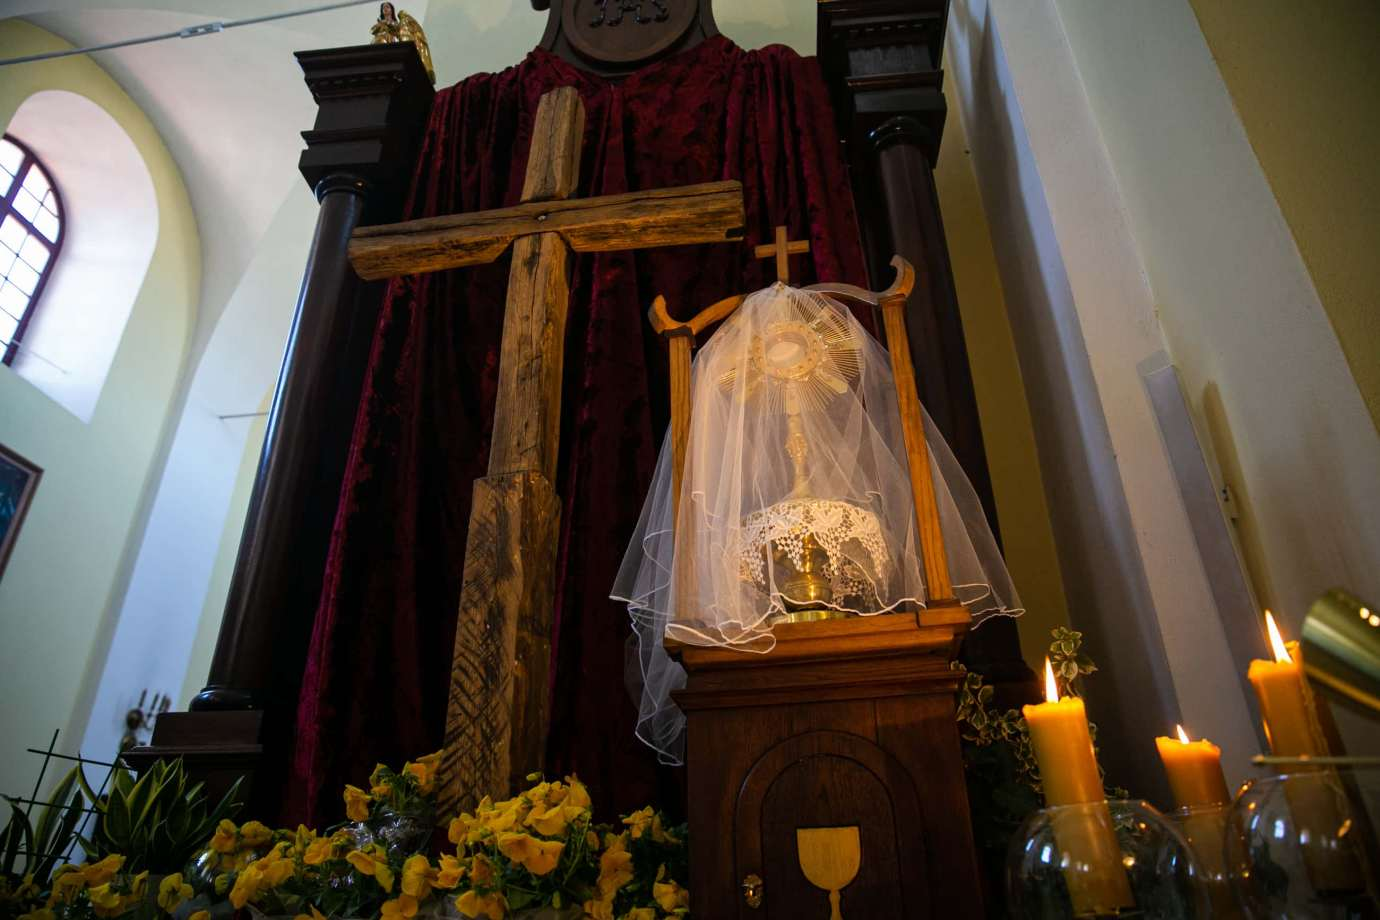 kosciol rektoralny pw sw katarzyny w zamosciu 7 Zdjęcia grobów pańskich w zamojskich świątyniach